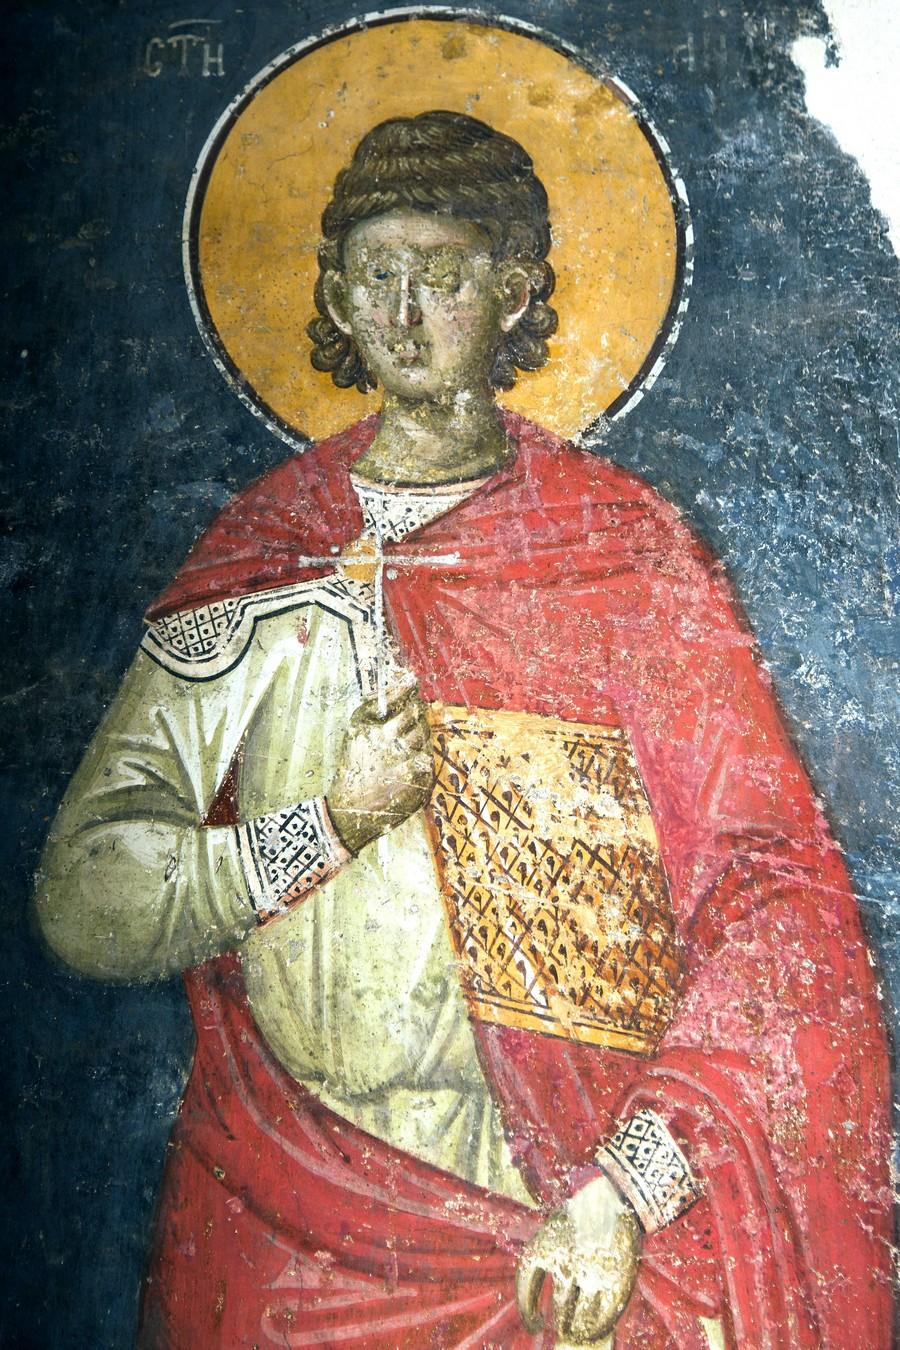 Святой Мученик Андроник Аназарвский. Фреска монастыря Грачаница, Косово и Метохия, Сербия. Около 1320 года.